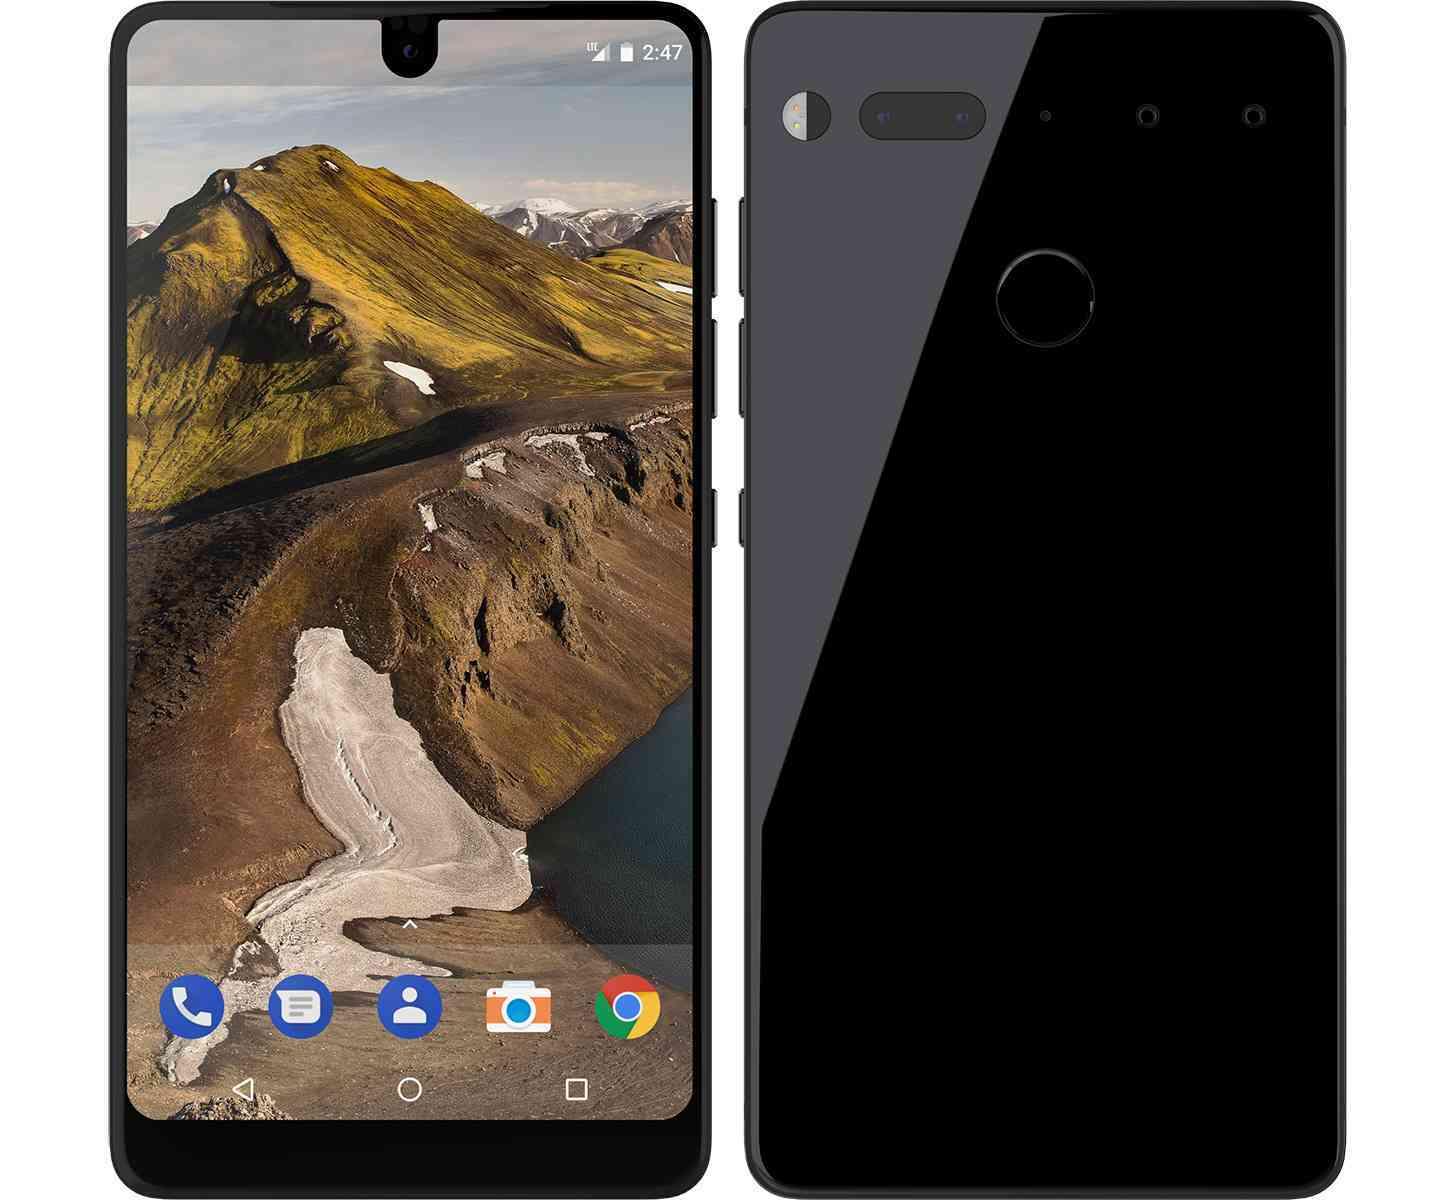 Android P получит новый дизайн и будет поддерживать вырез для камеры в дисплее